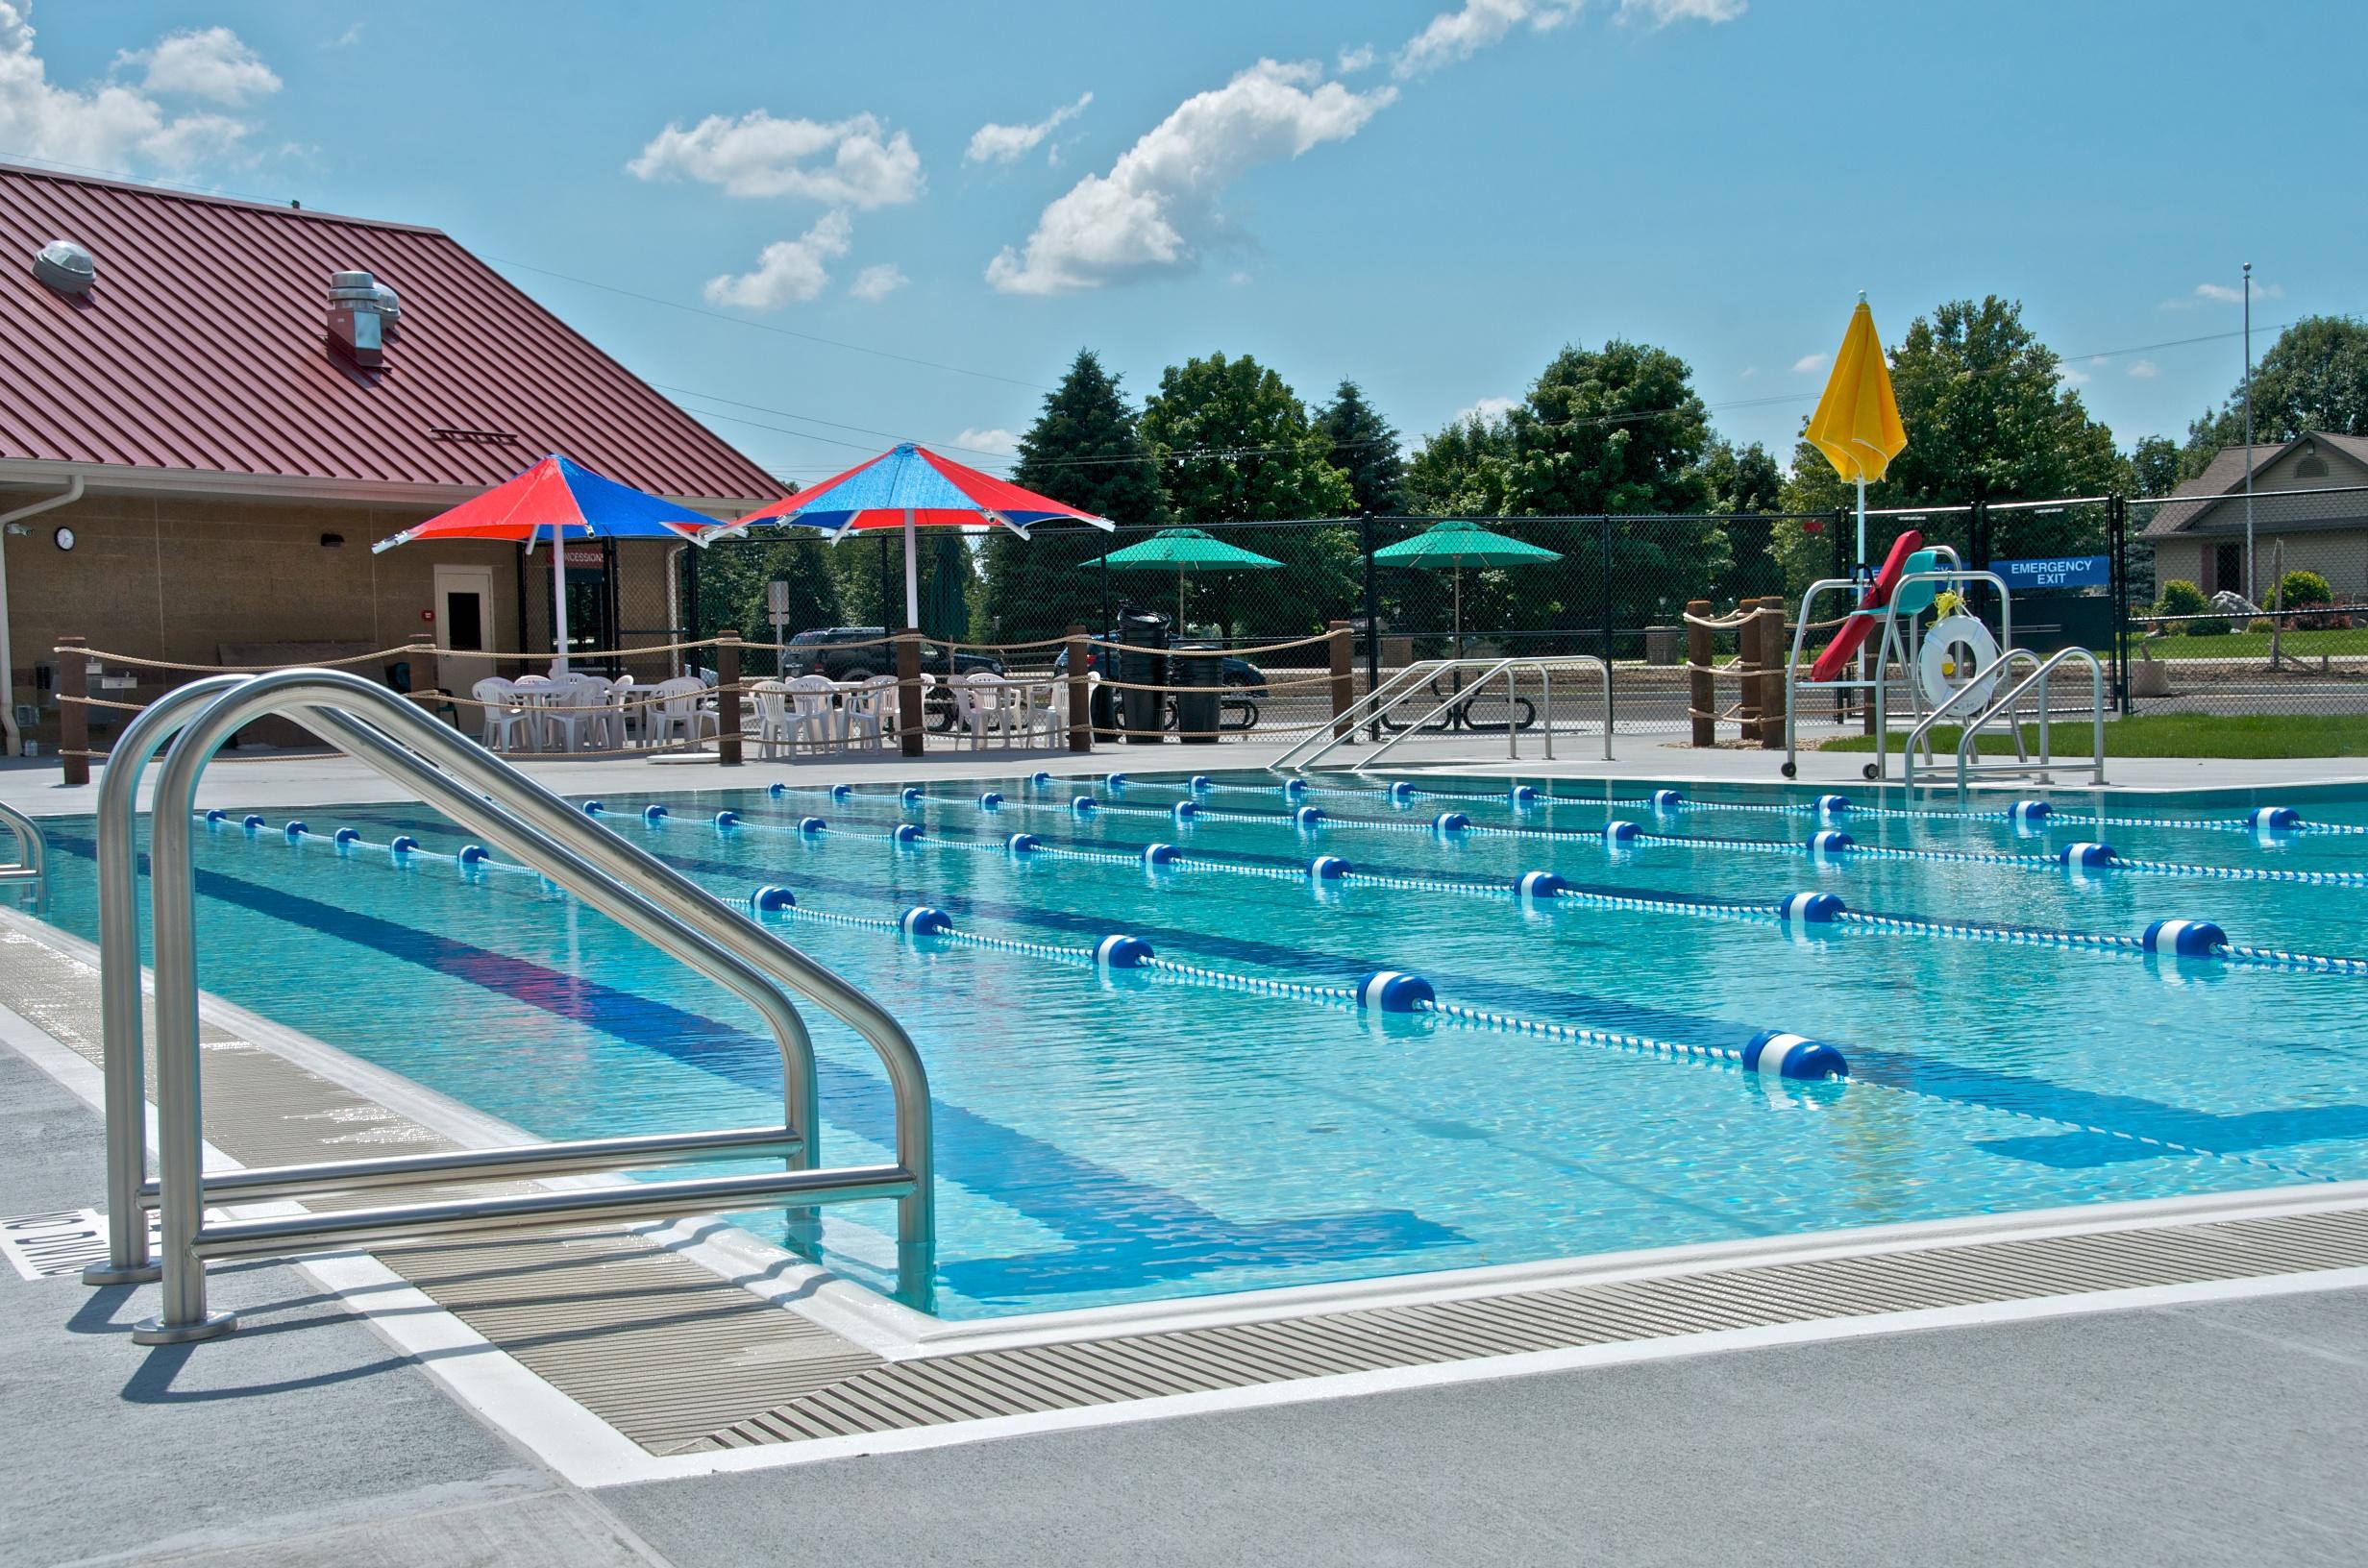 Dodge ymca pool 2018 dodge reviews for Garden city ymca pool schedule